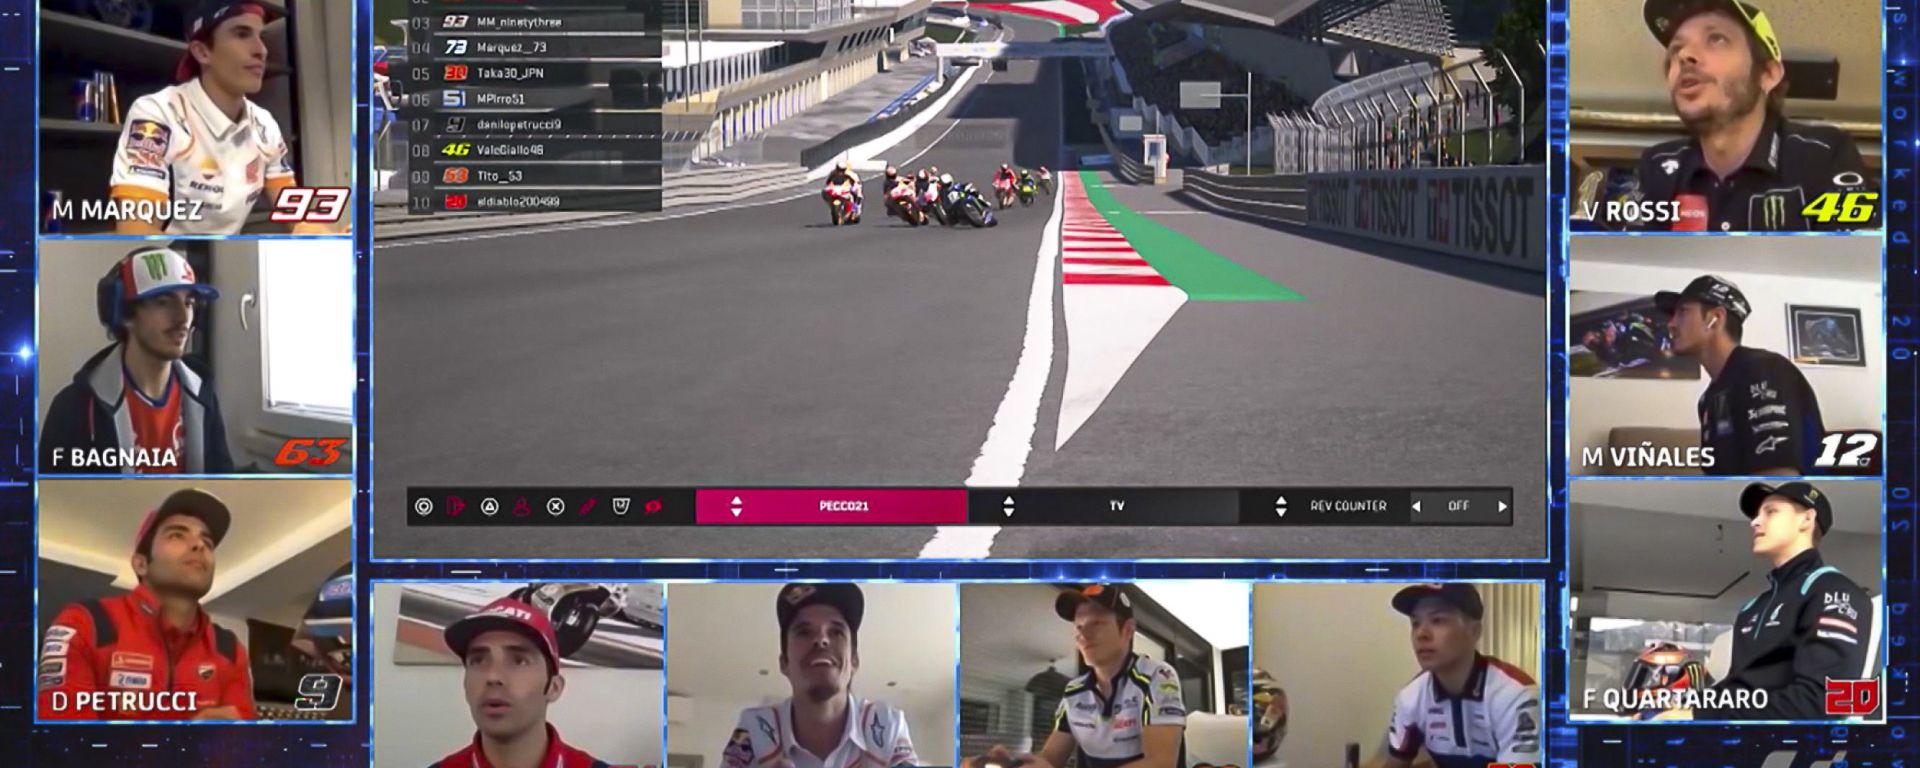 Virtual Race II MotoGP